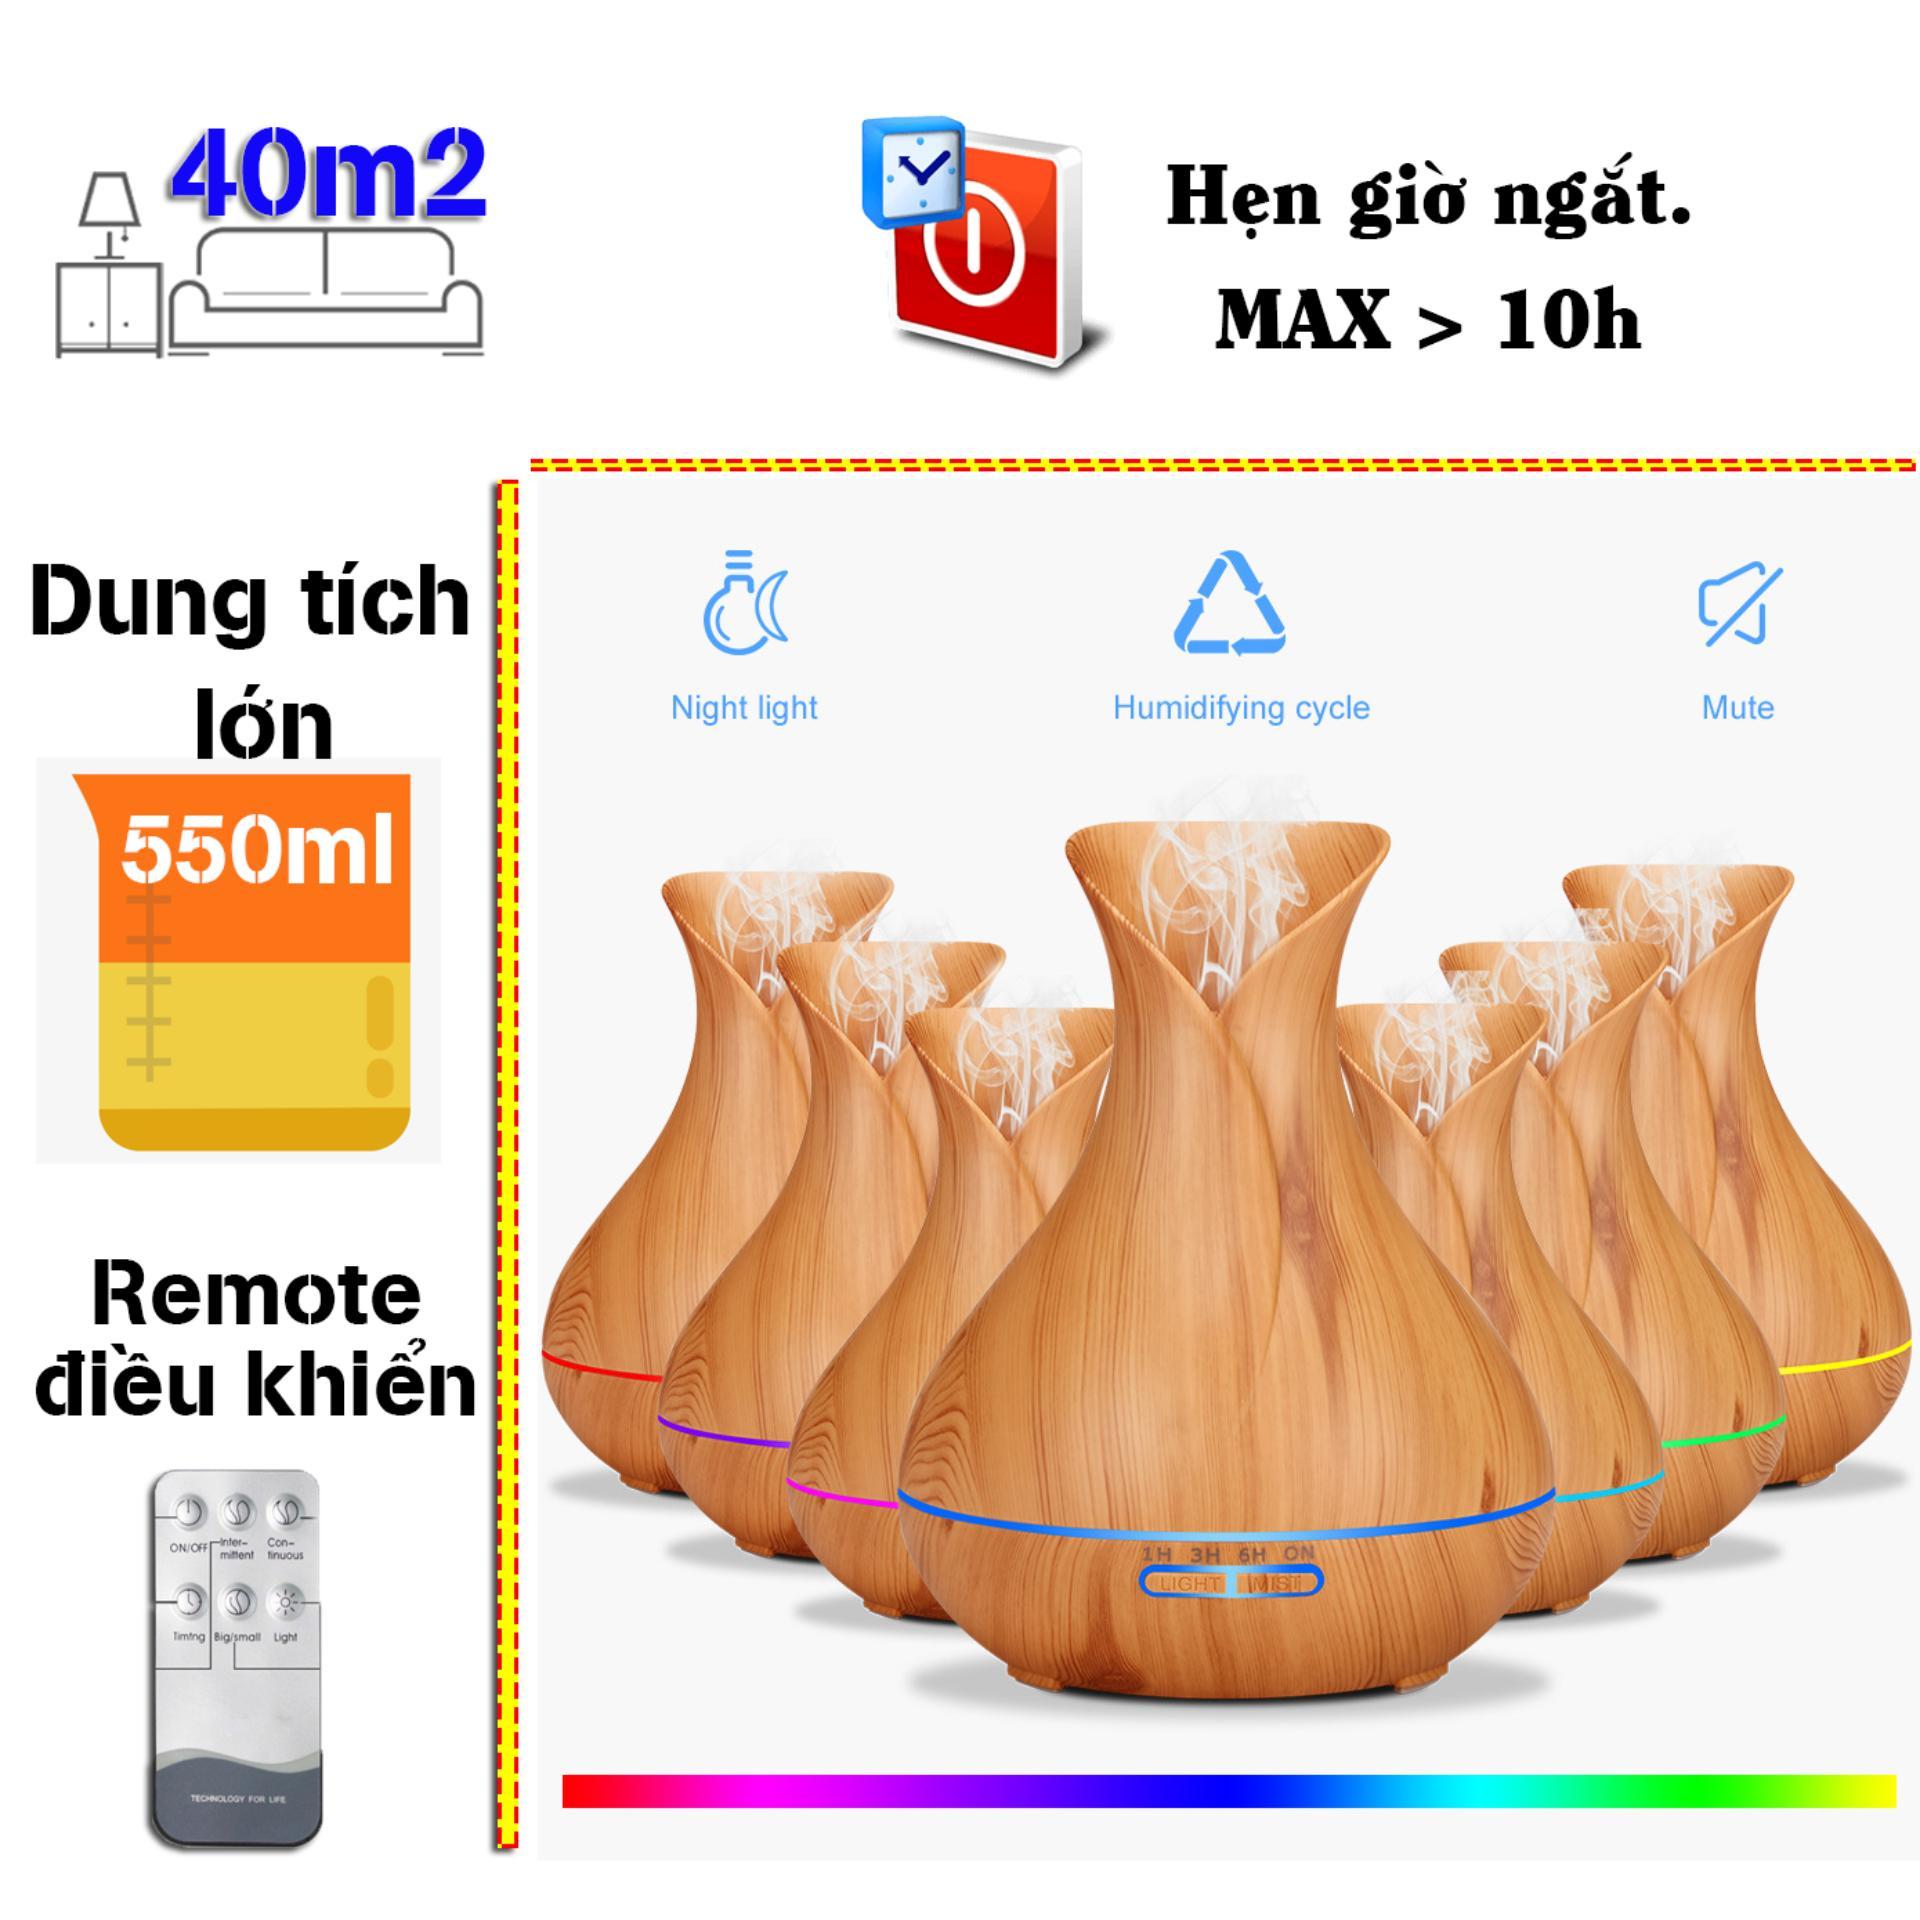 Máy khuếch tán tinh dầu bình hoa dung tích 400ml  lộc không khí, tạo ẩm tặng 10ml tinh dầu sả chanh Ngọc Tuyết